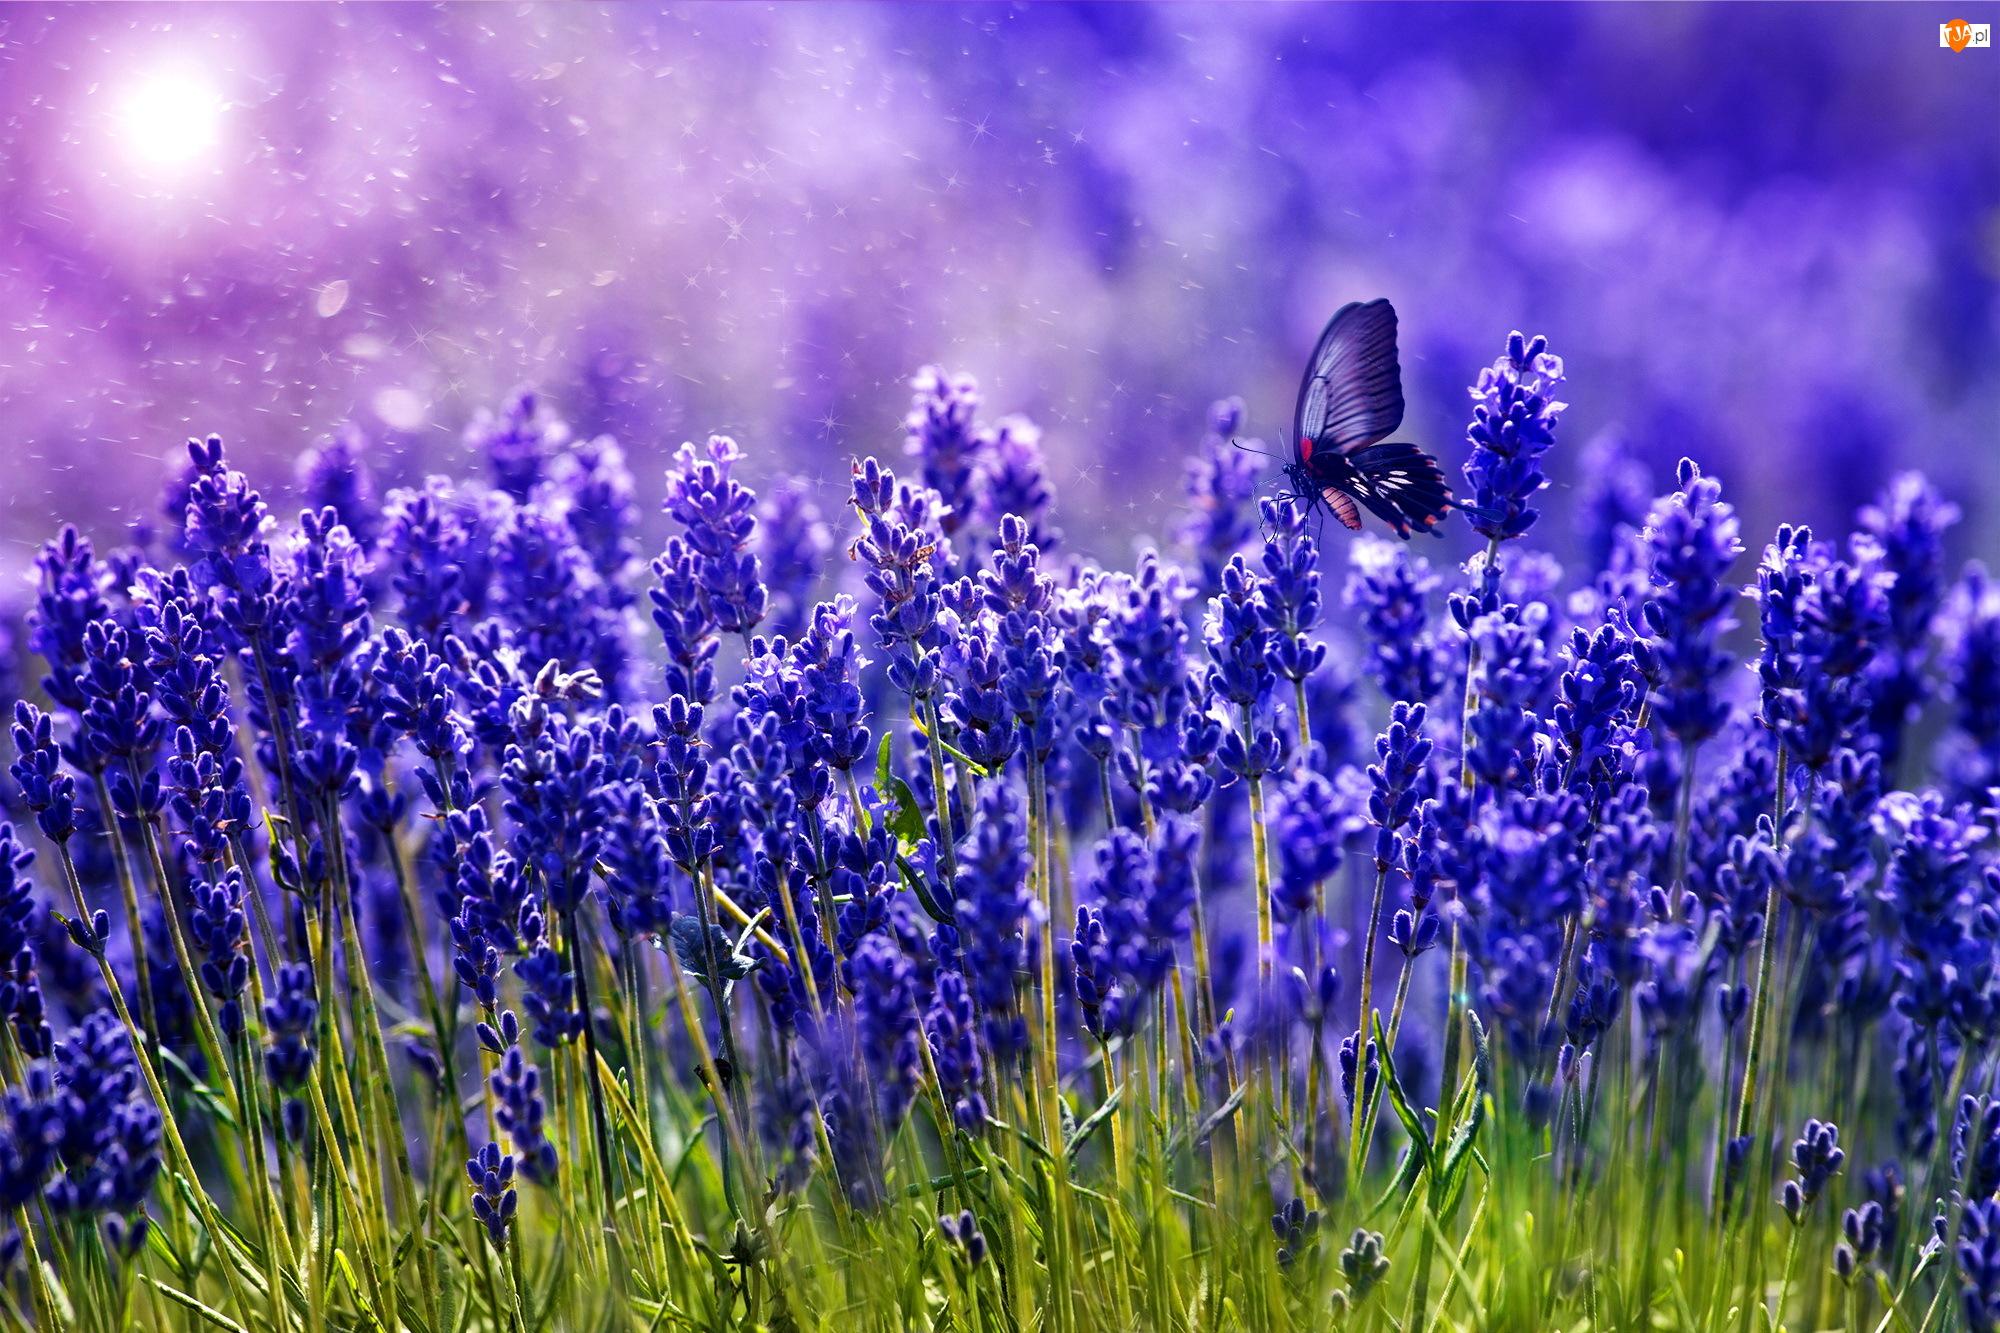 Motyl, Fioletowe, Kwiaty, Lawenda